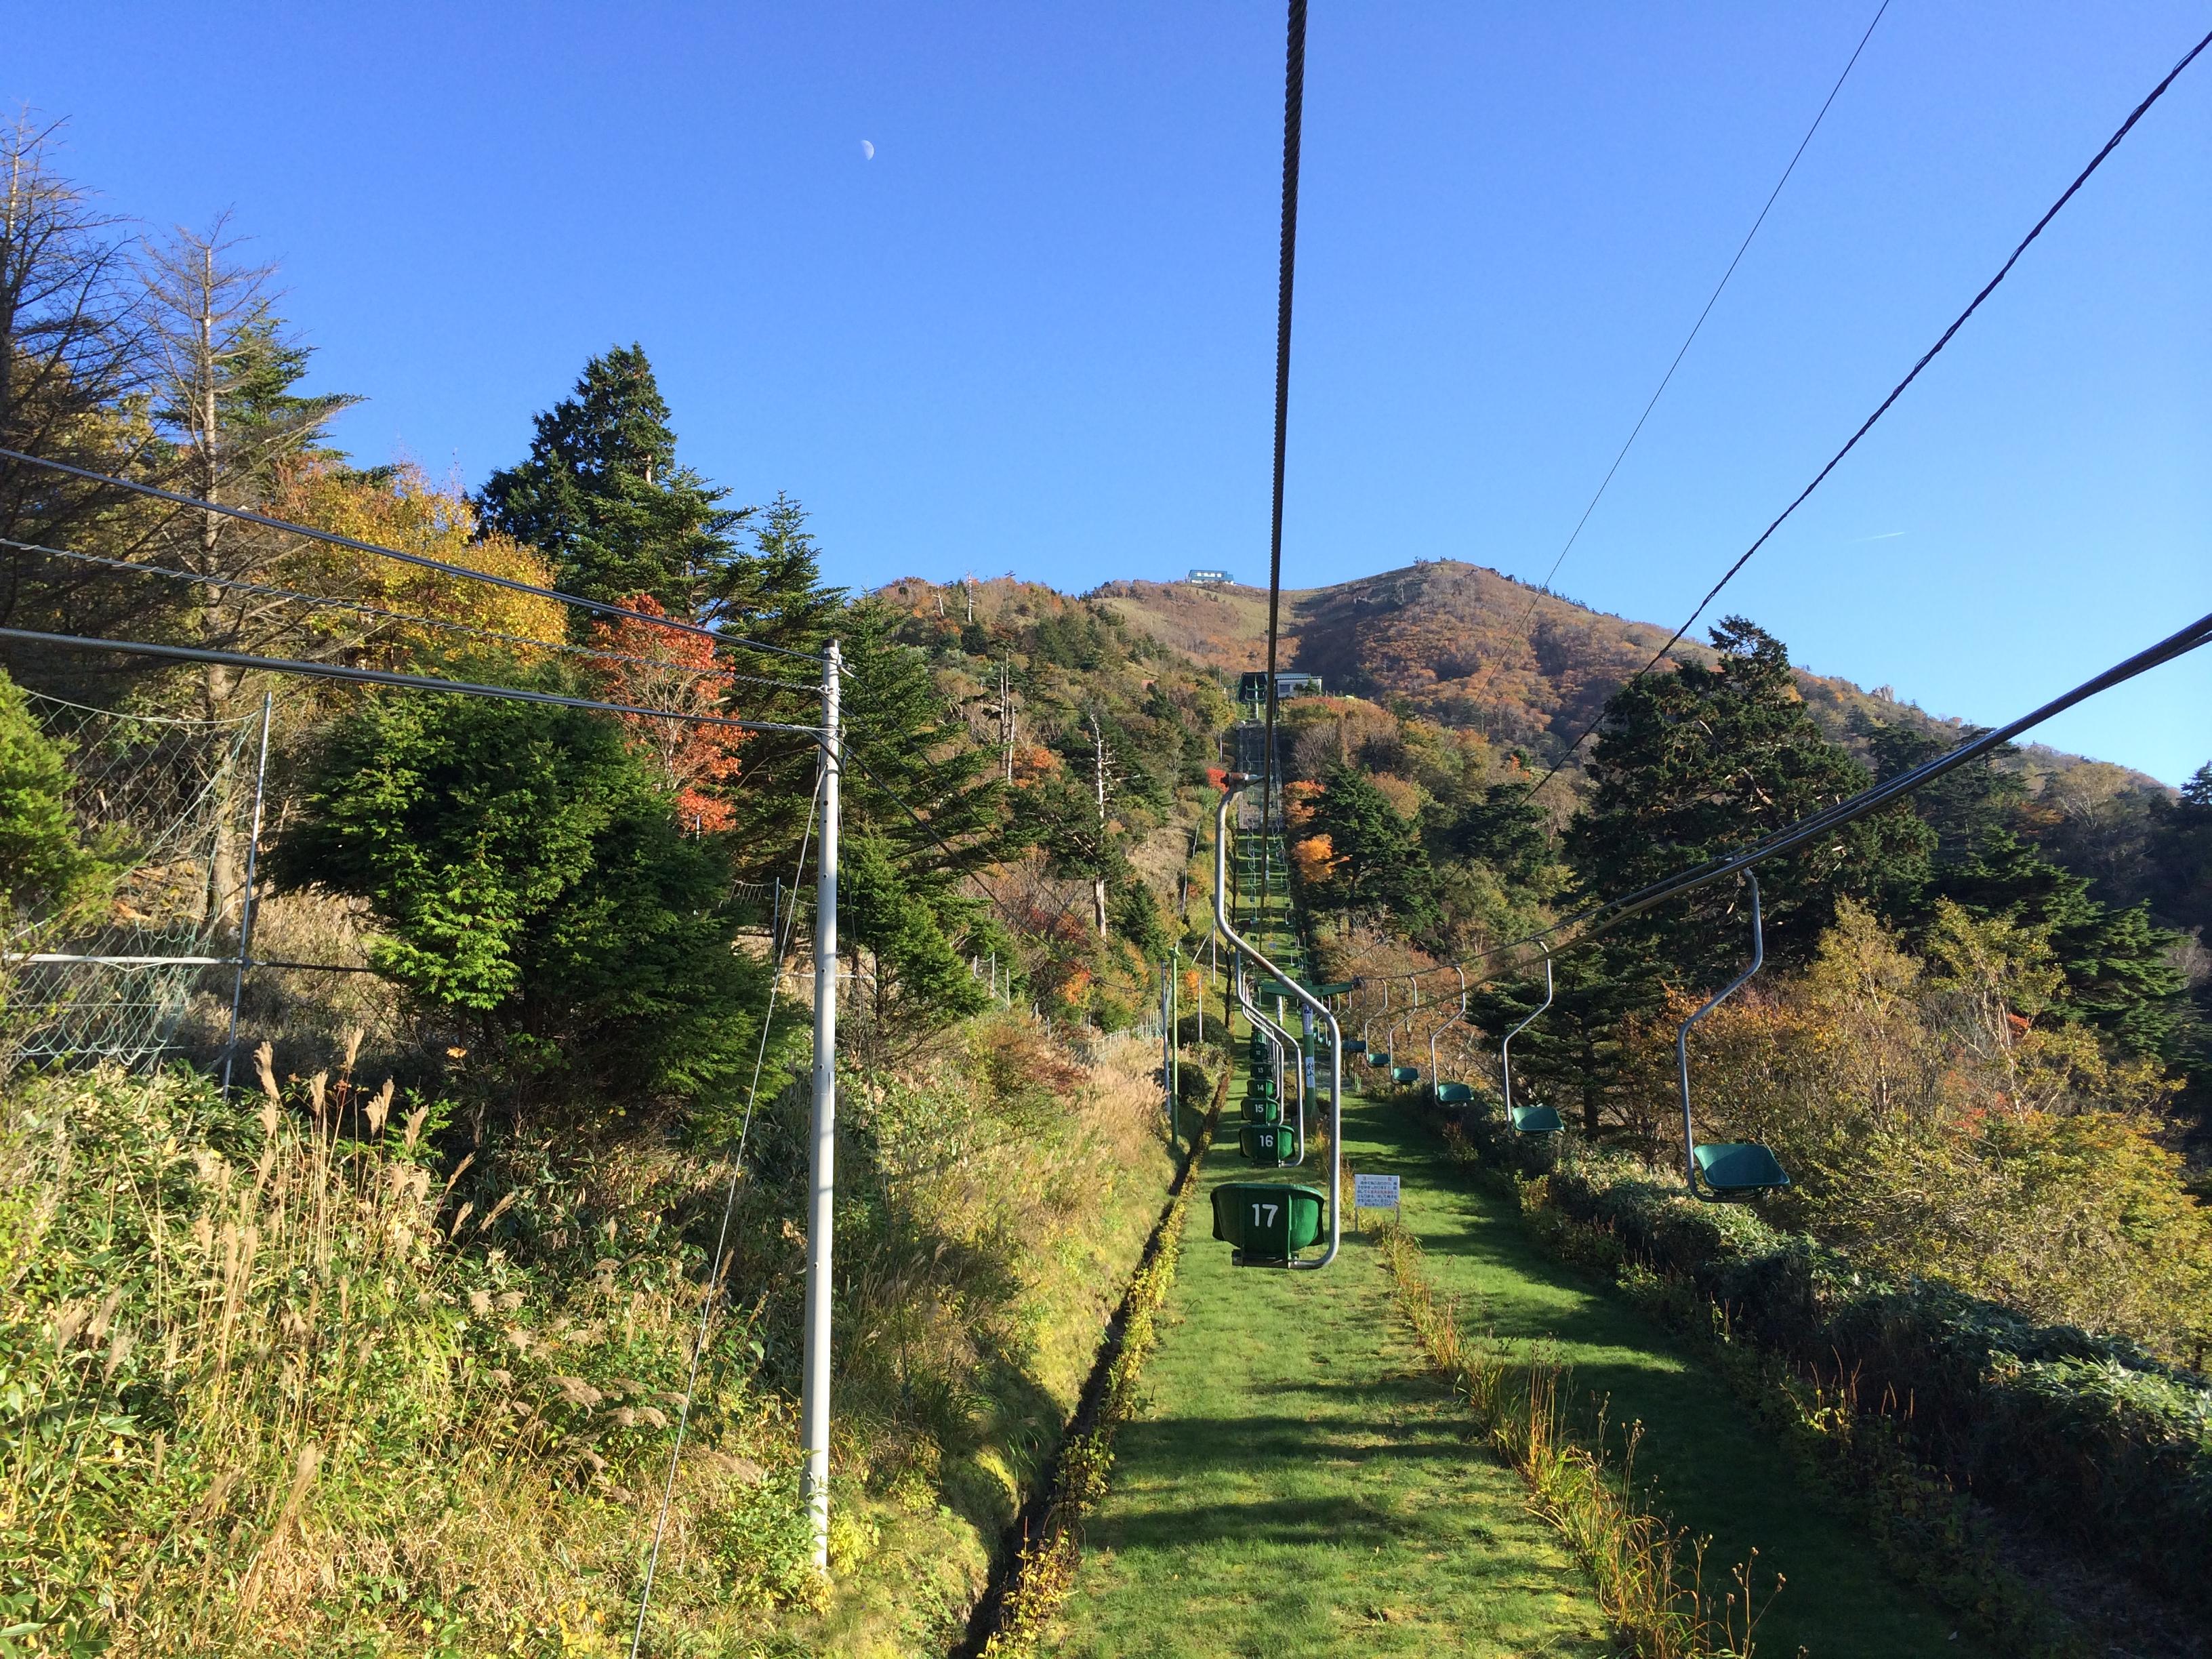 四国上陸、移動時間20時間弱、行動時間2時間の剣山登山